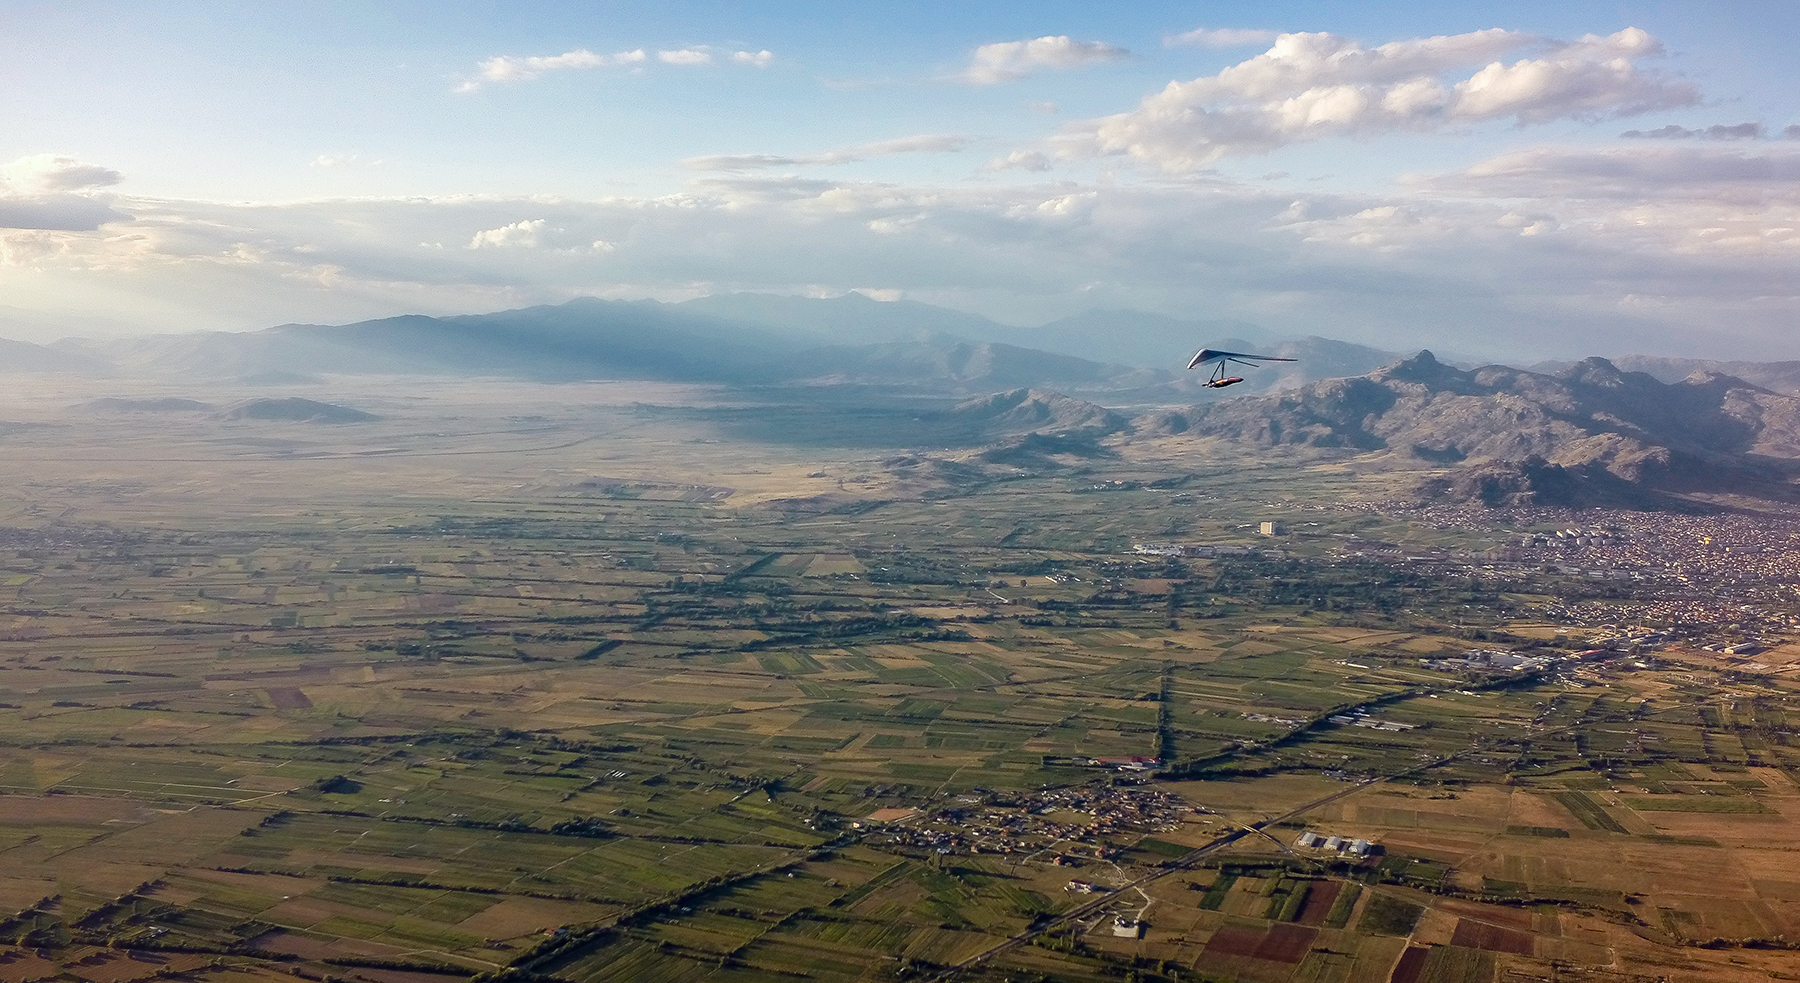 scenery-on-final-glide